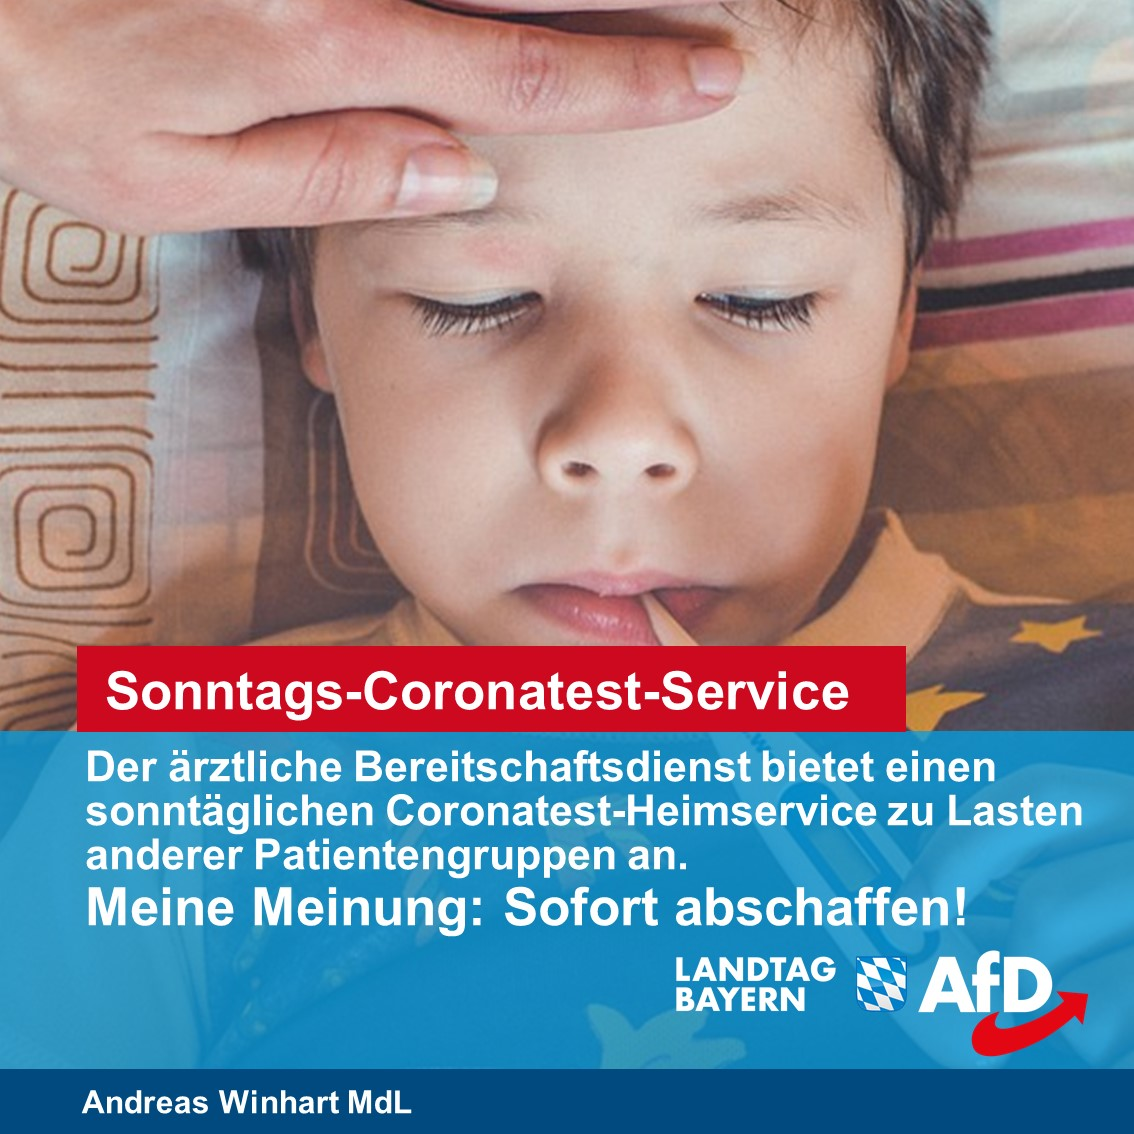 Sonntags-Coronatest-Dienst der Kassenärztlichen Vereinigung sofort abschaffen!